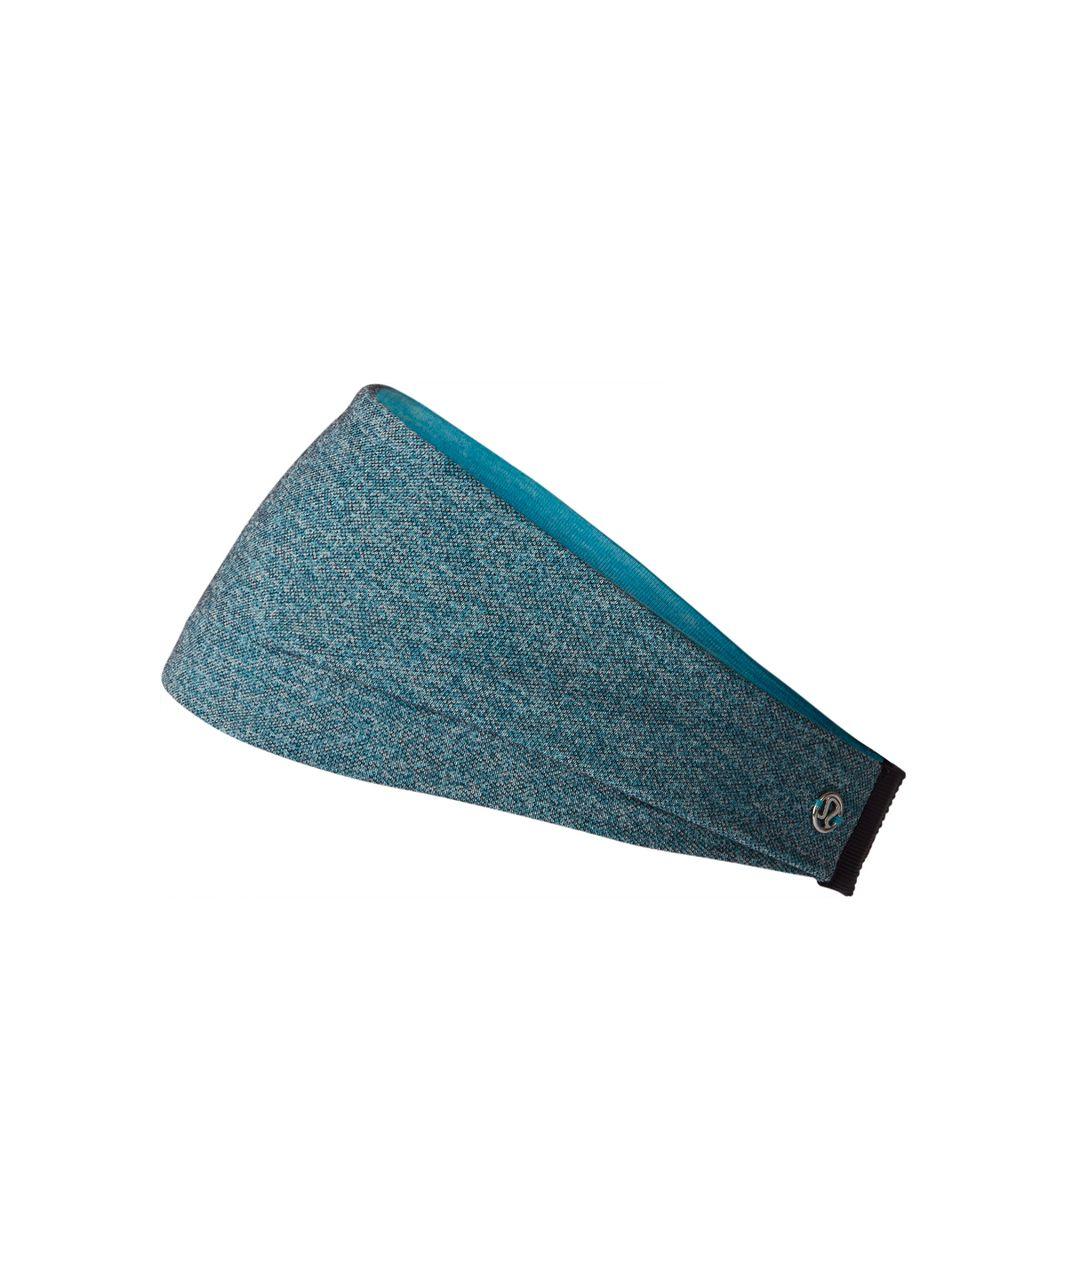 Lululemon Fringe Fighter Headband - 3 Colour Heather Peacock Blue Multi / Heathered Peacock Blue